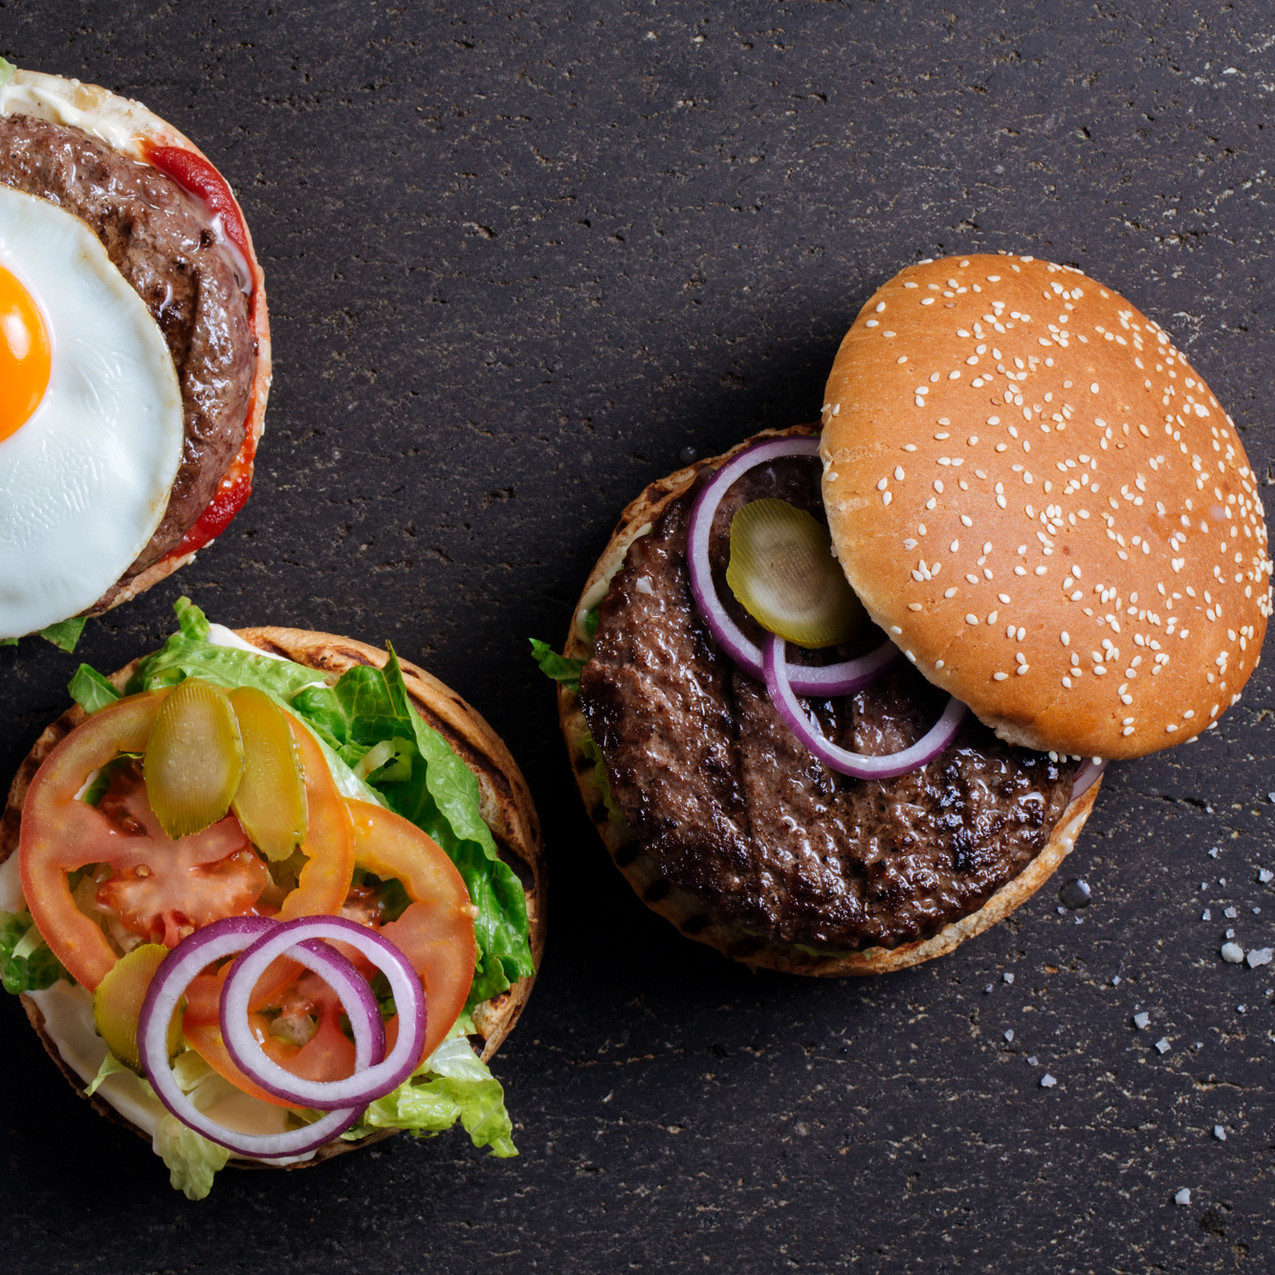 Hamburger Top View